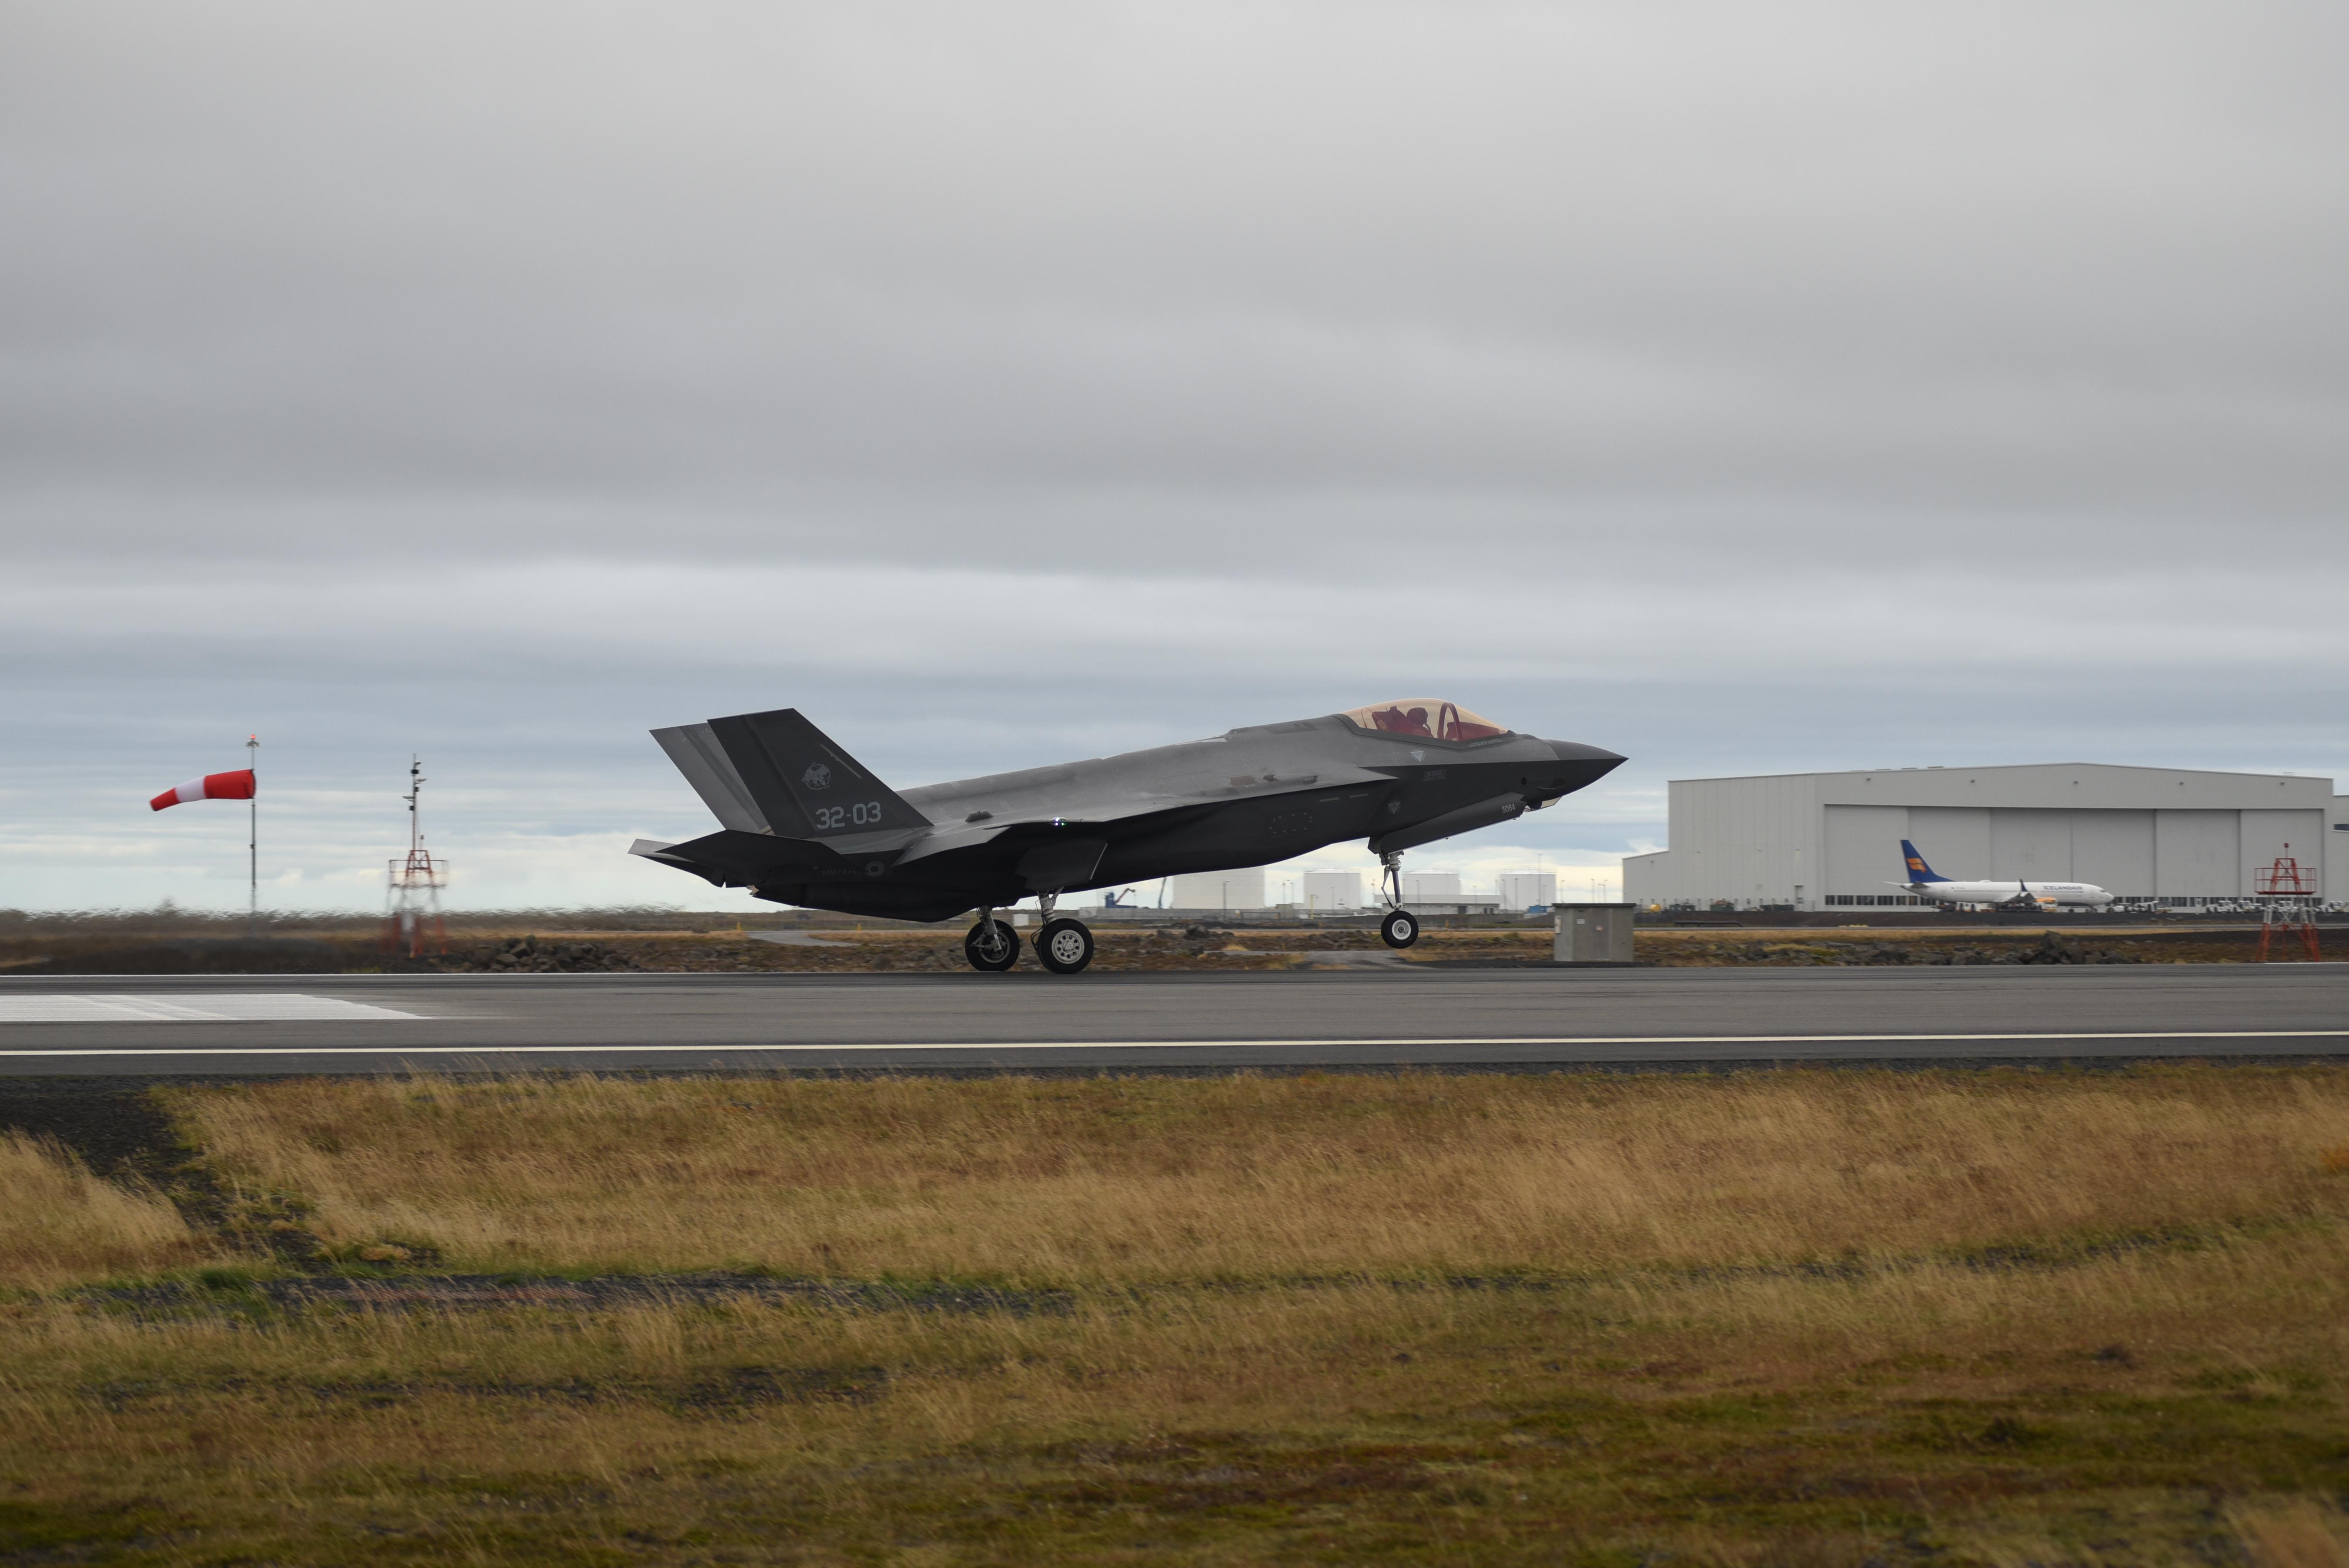 """ISLANDA: AL VIA L'OPERAZIONE NATO """"NORTHERN LIGHTNING"""""""